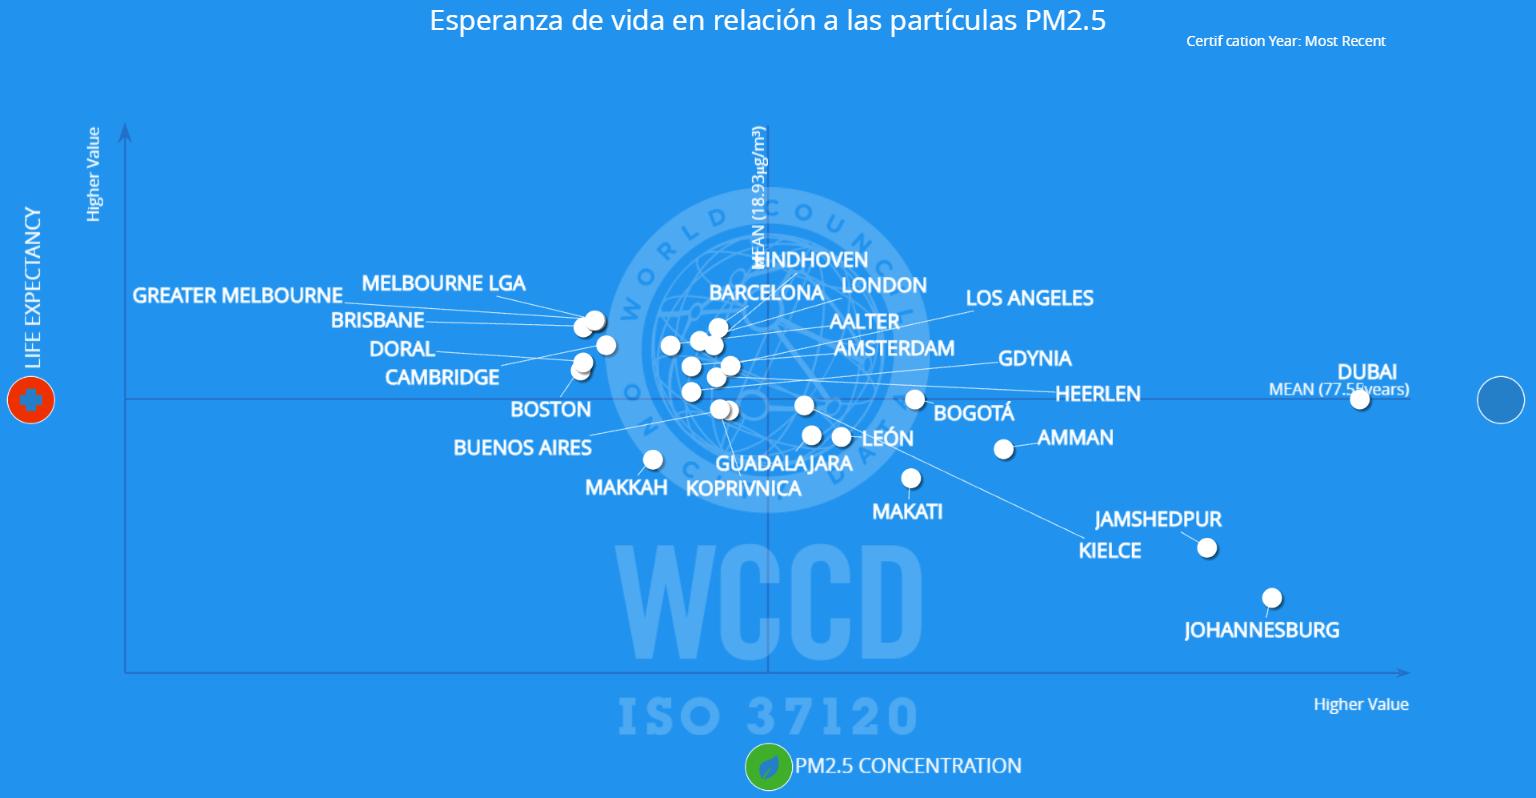 Esperanza de vida en relacion a las particulas PM2.5